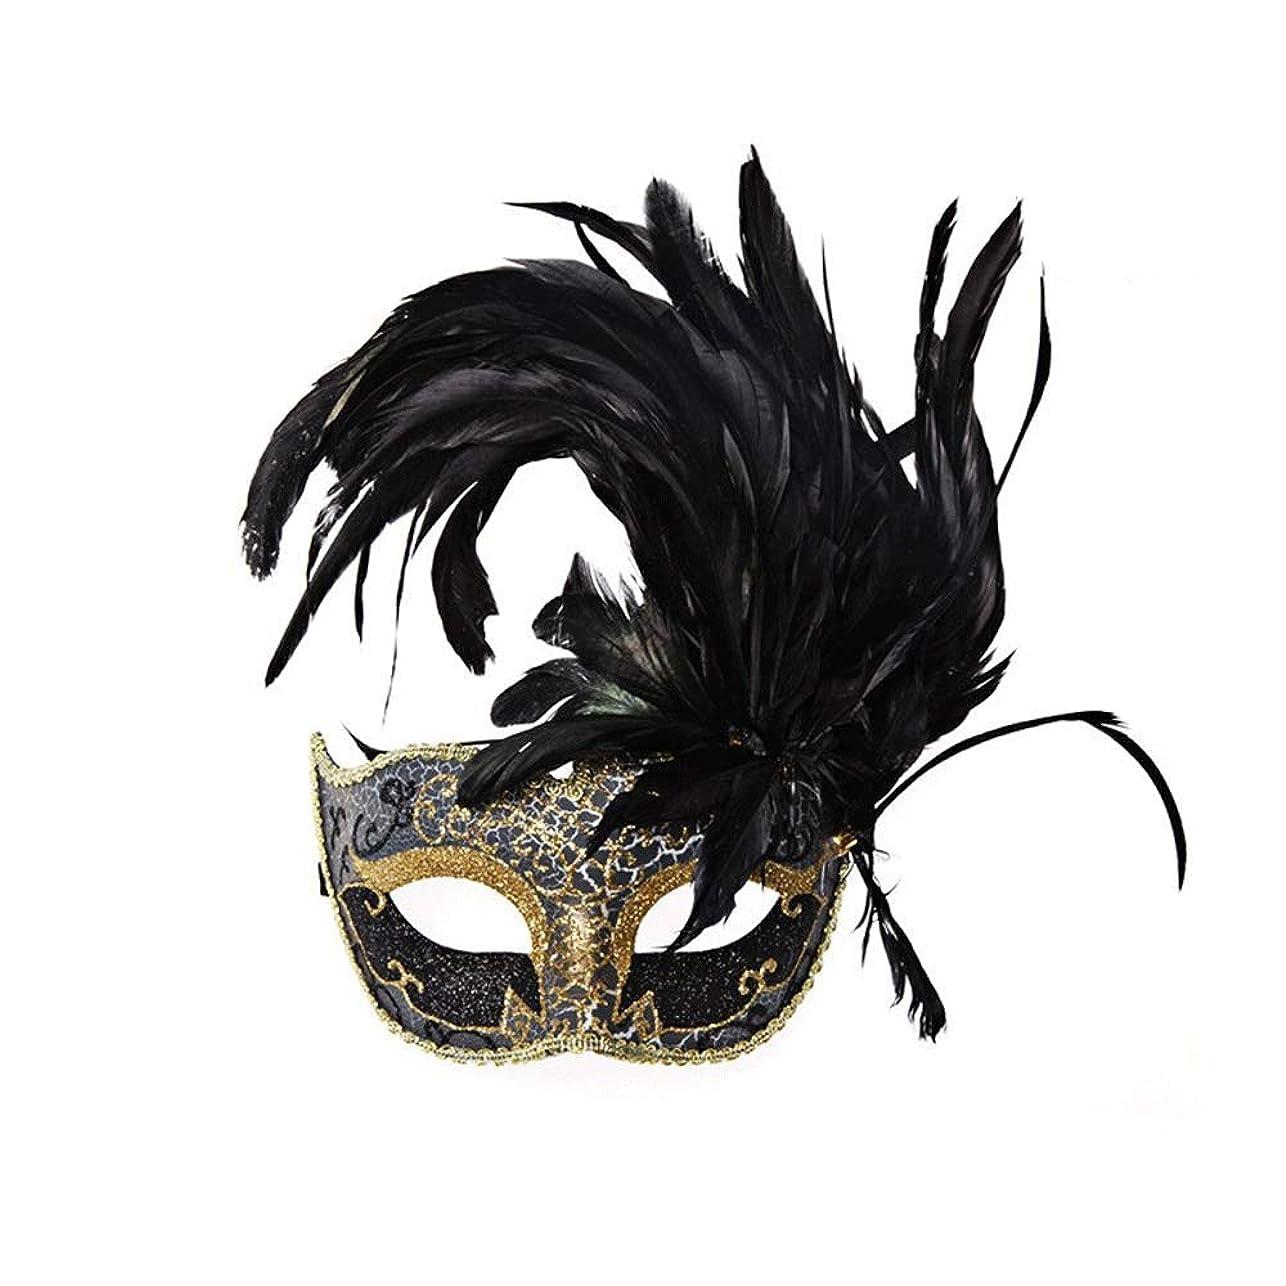 こっそり変形原油Nanle ハロウィンマスクハーフフェザーマスクベニスプリンセスマスク美容レース仮面ライダーコスプレ (色 : Style A black)